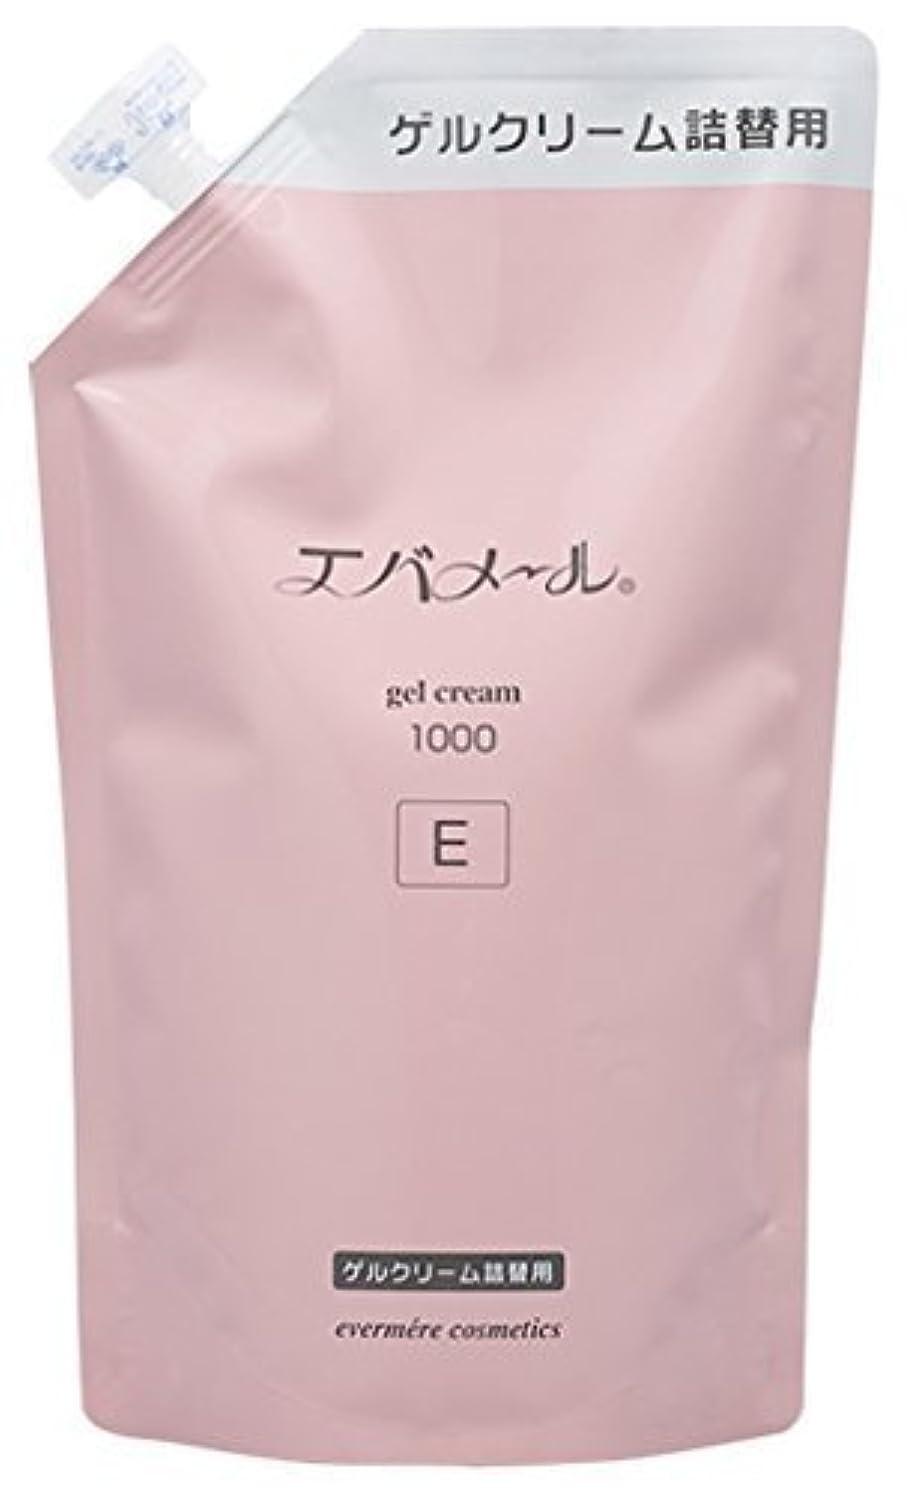 勇敢な悪性腫瘍その結果エバメール ゲルクリーム E 1000g[並行輸入品]